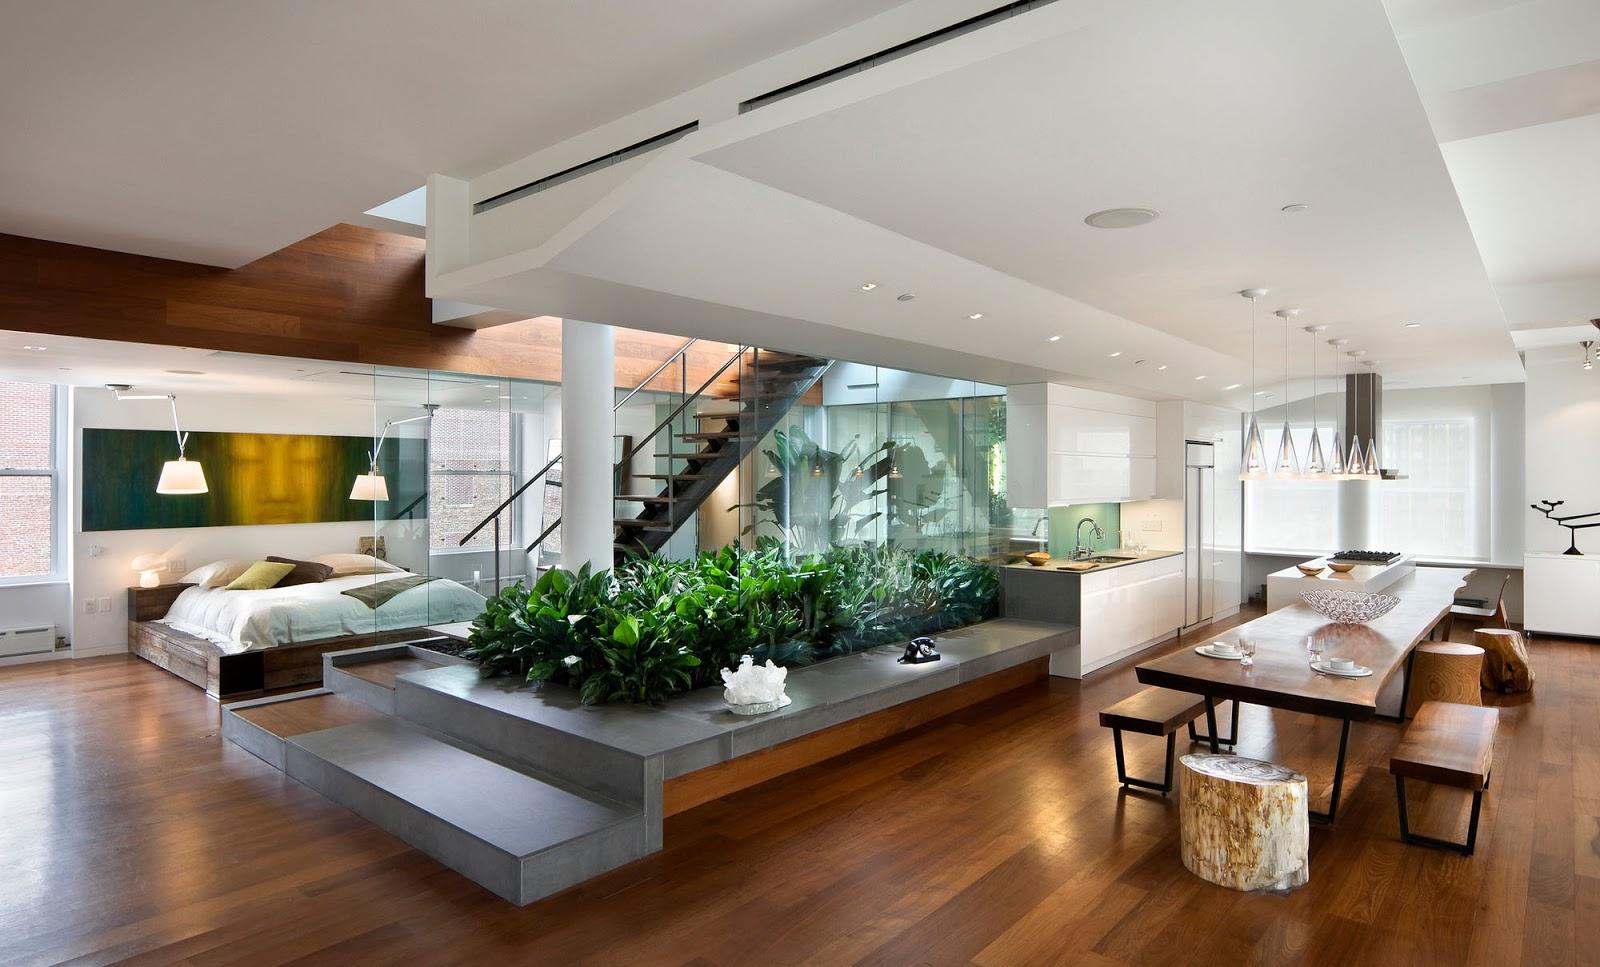 Luxury apartments interior design - Stylish Apartment With Design Interior